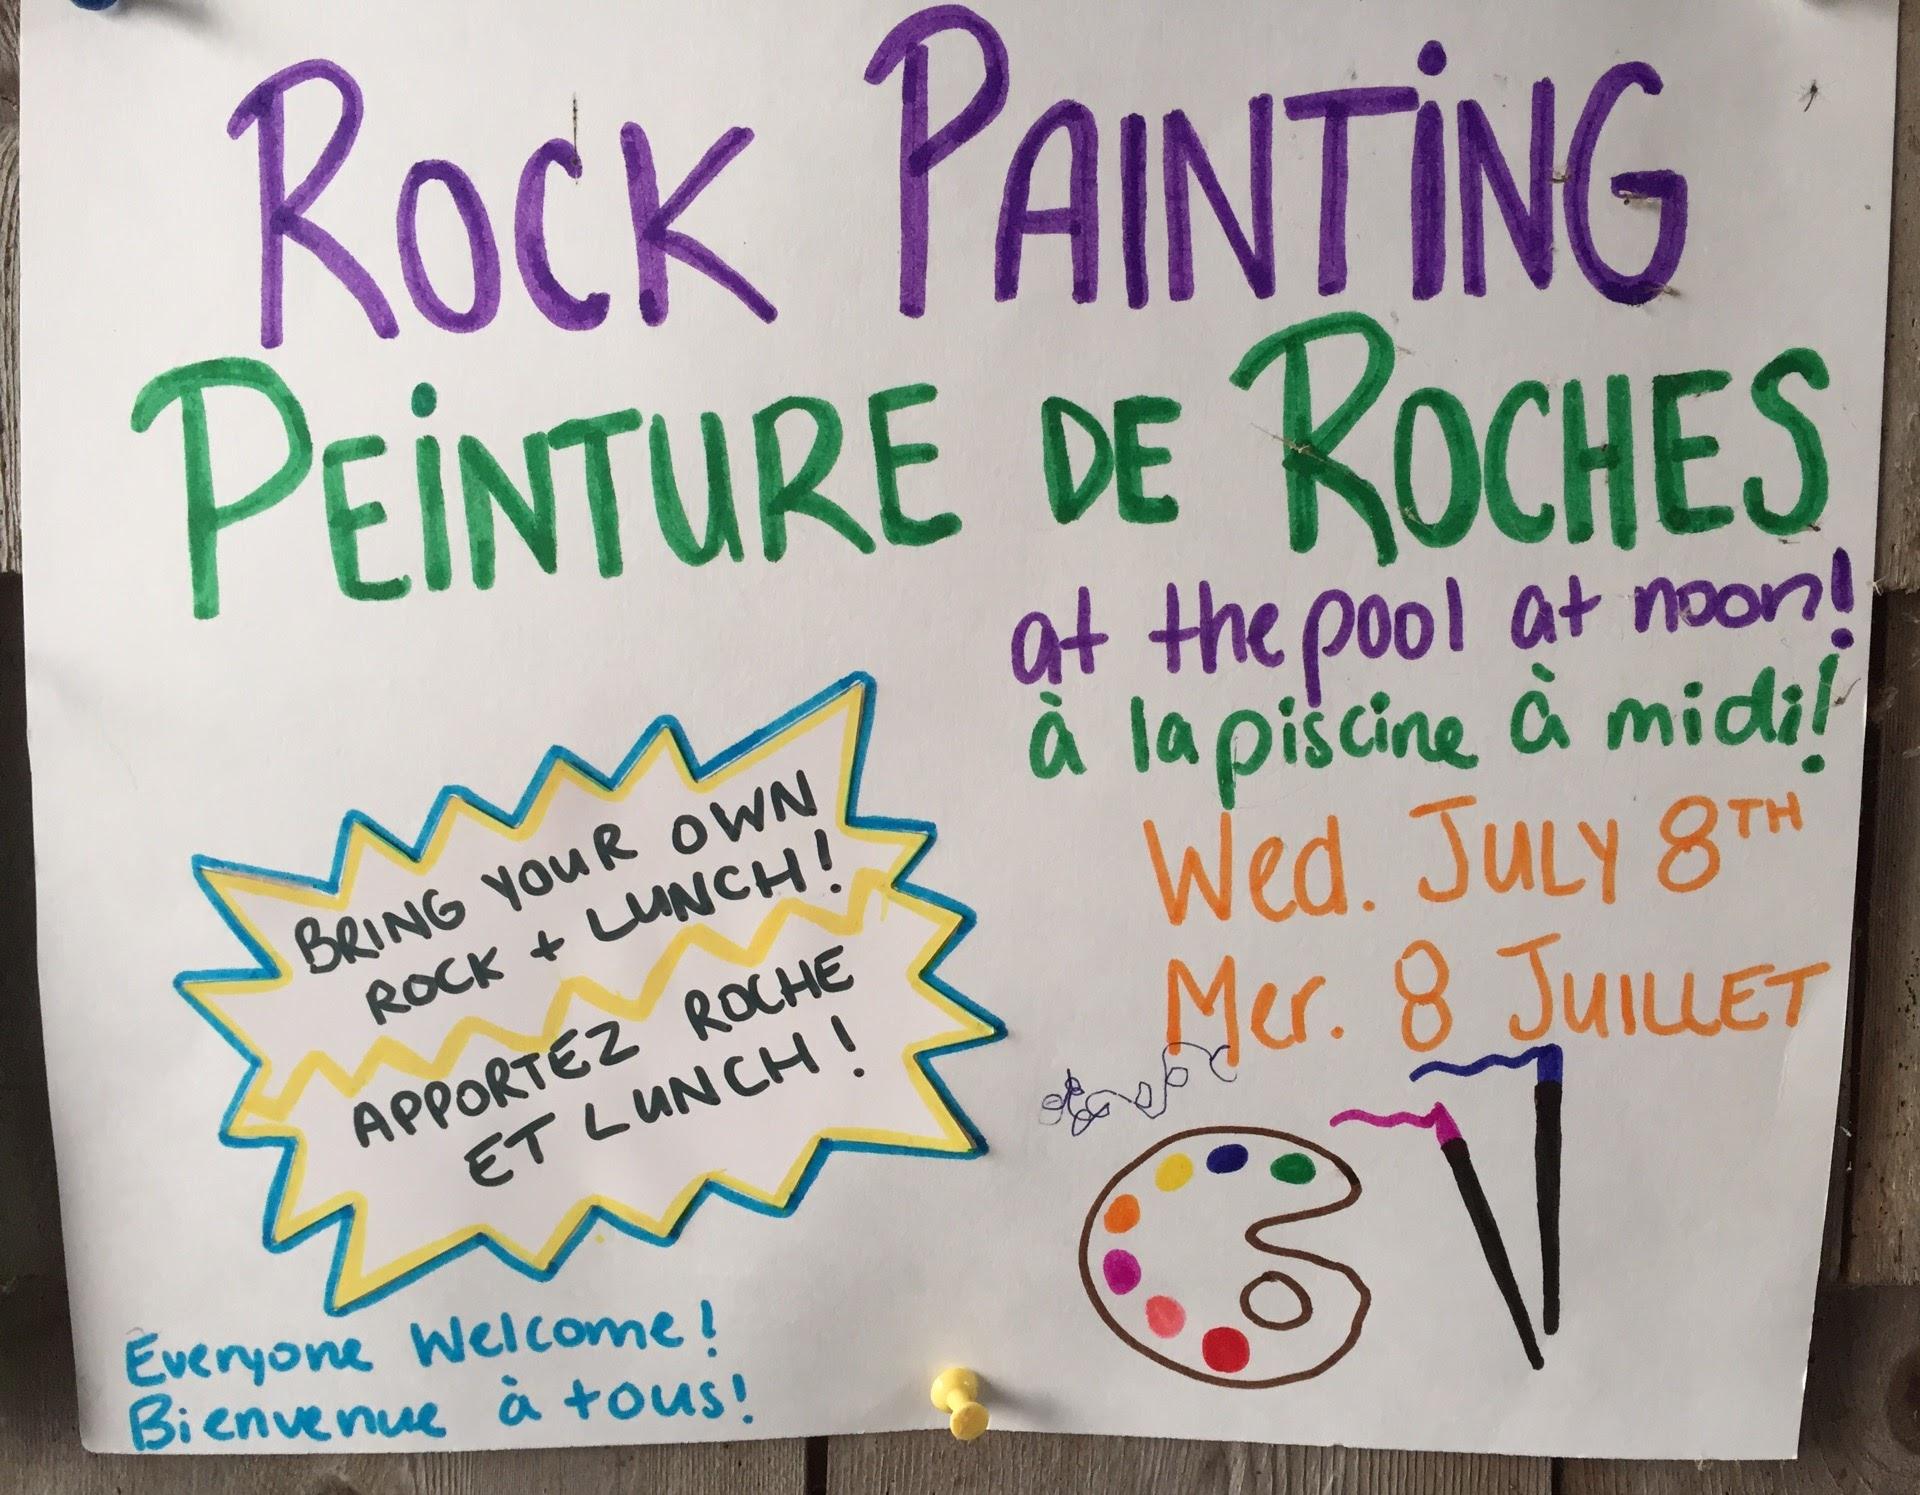 Peinture de Roches | Rock Painting